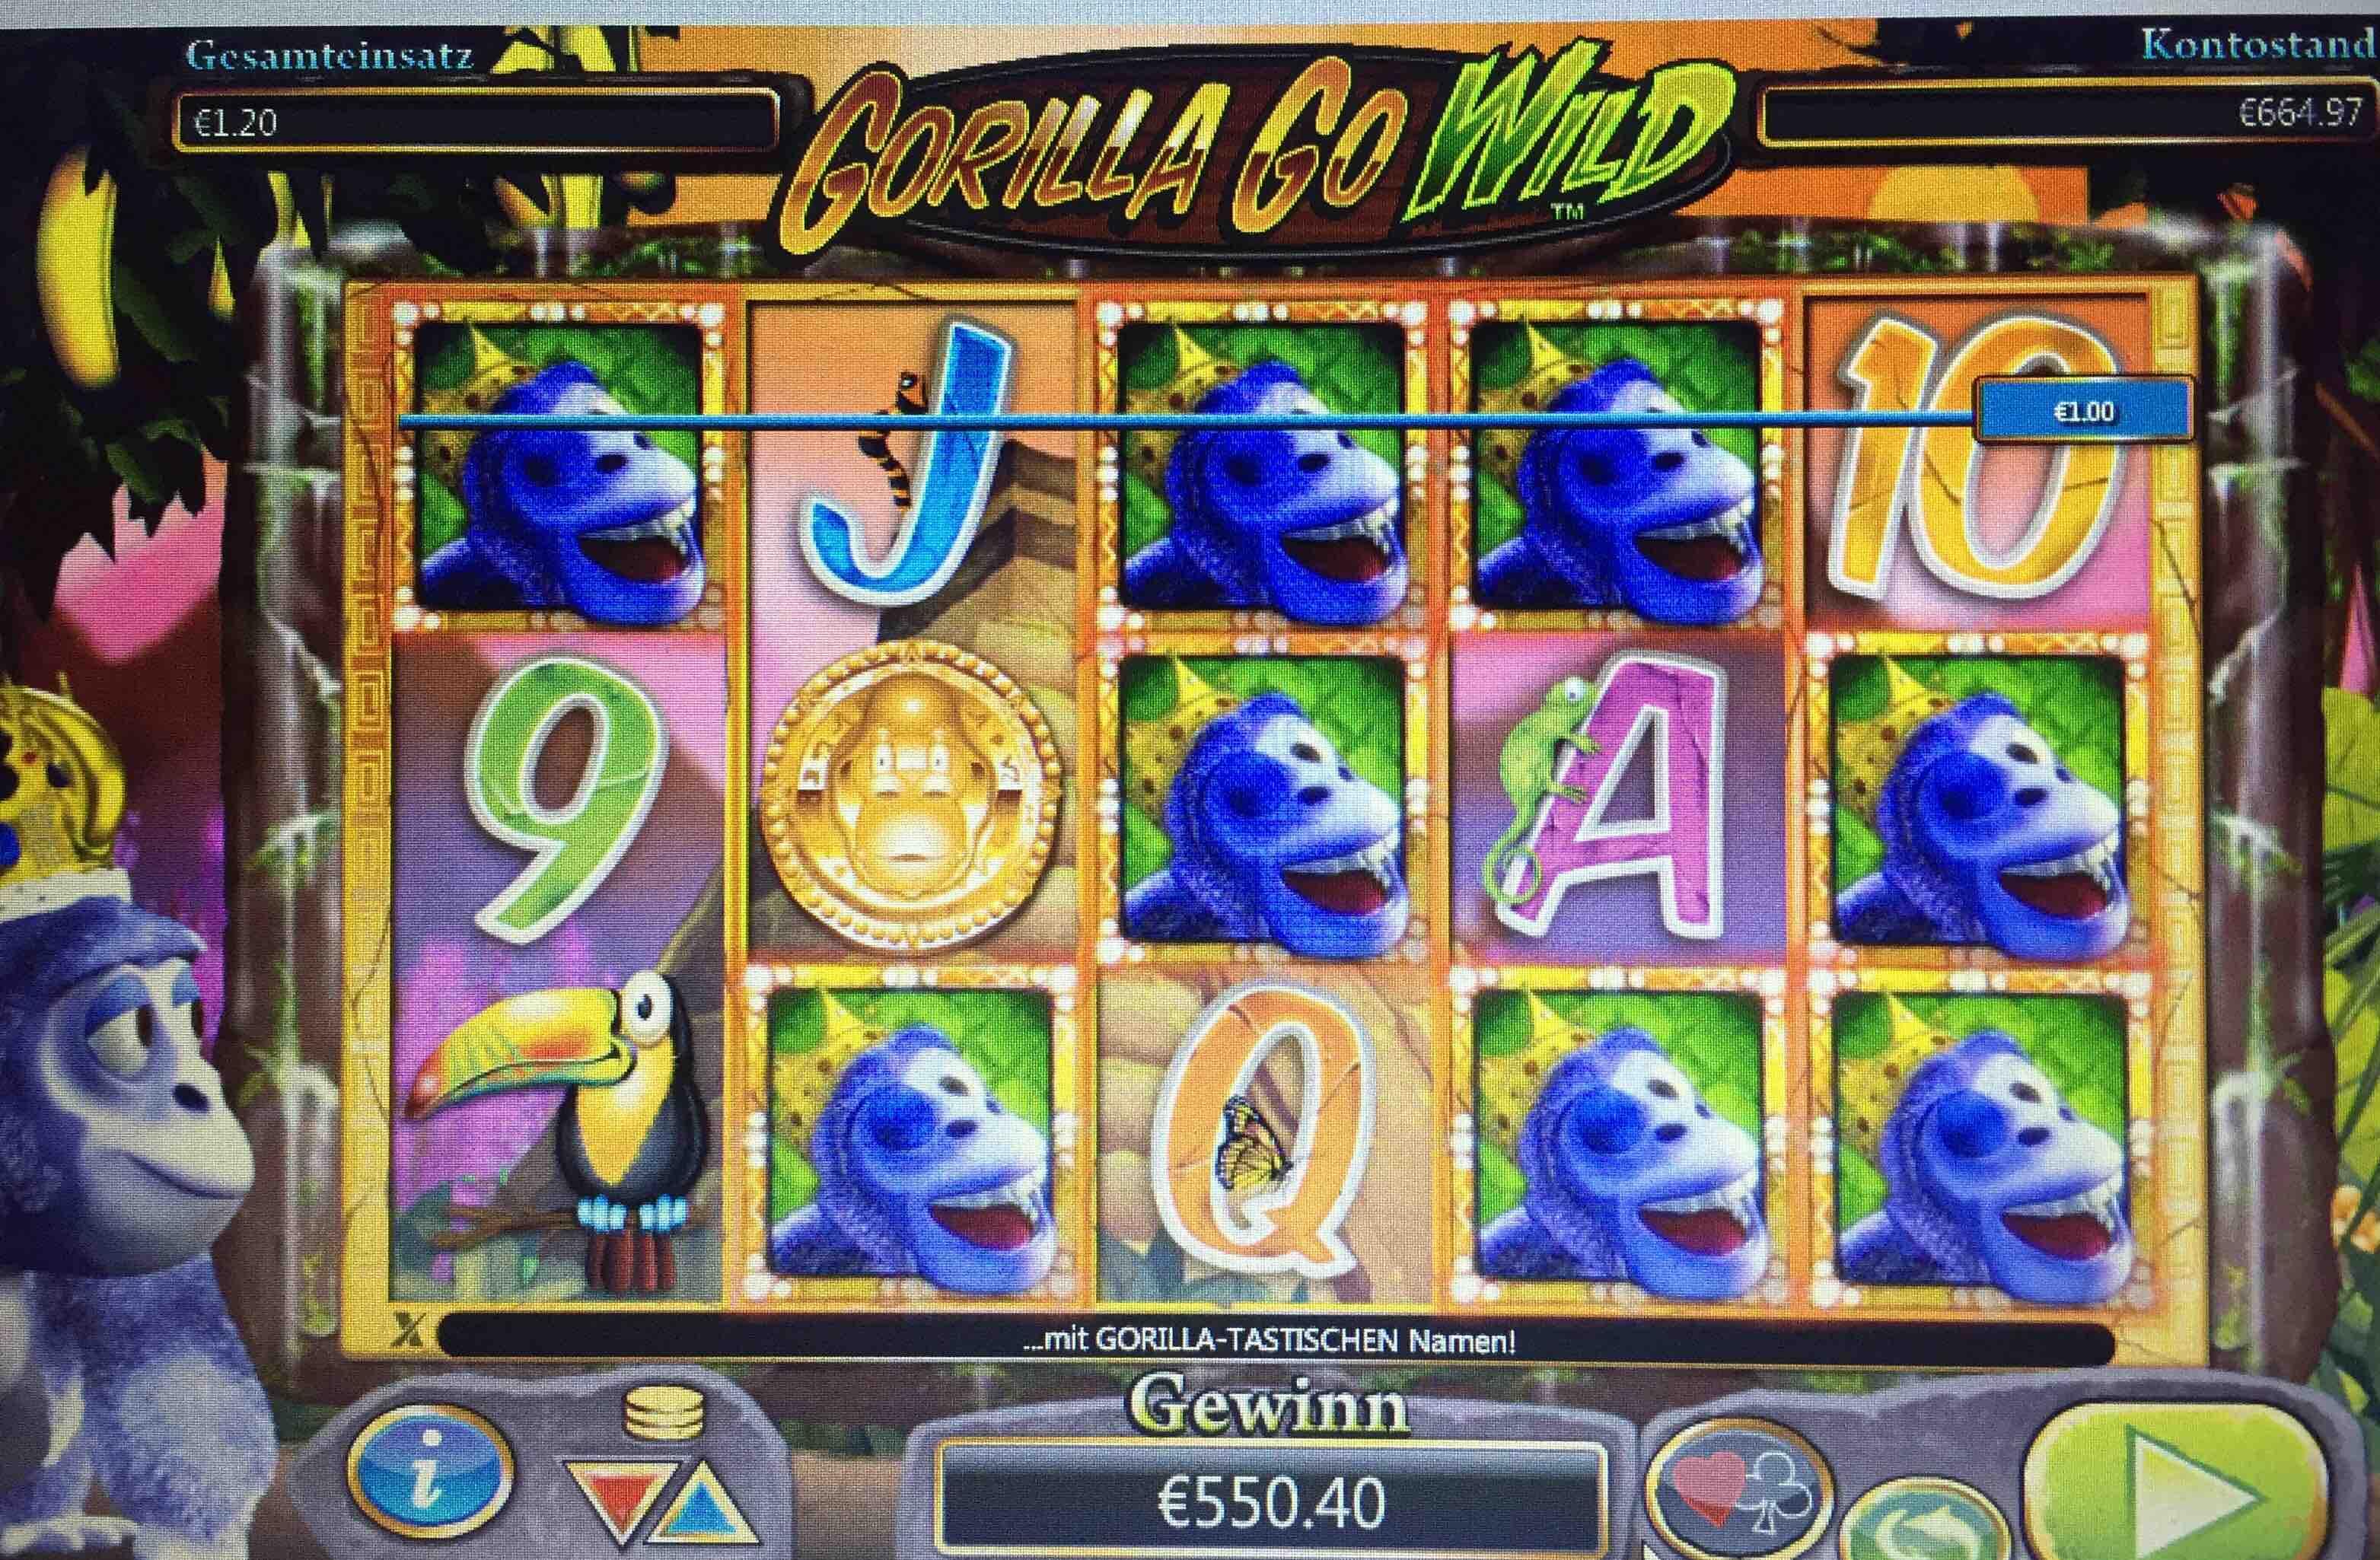 tipico casino kontostand auszahlen